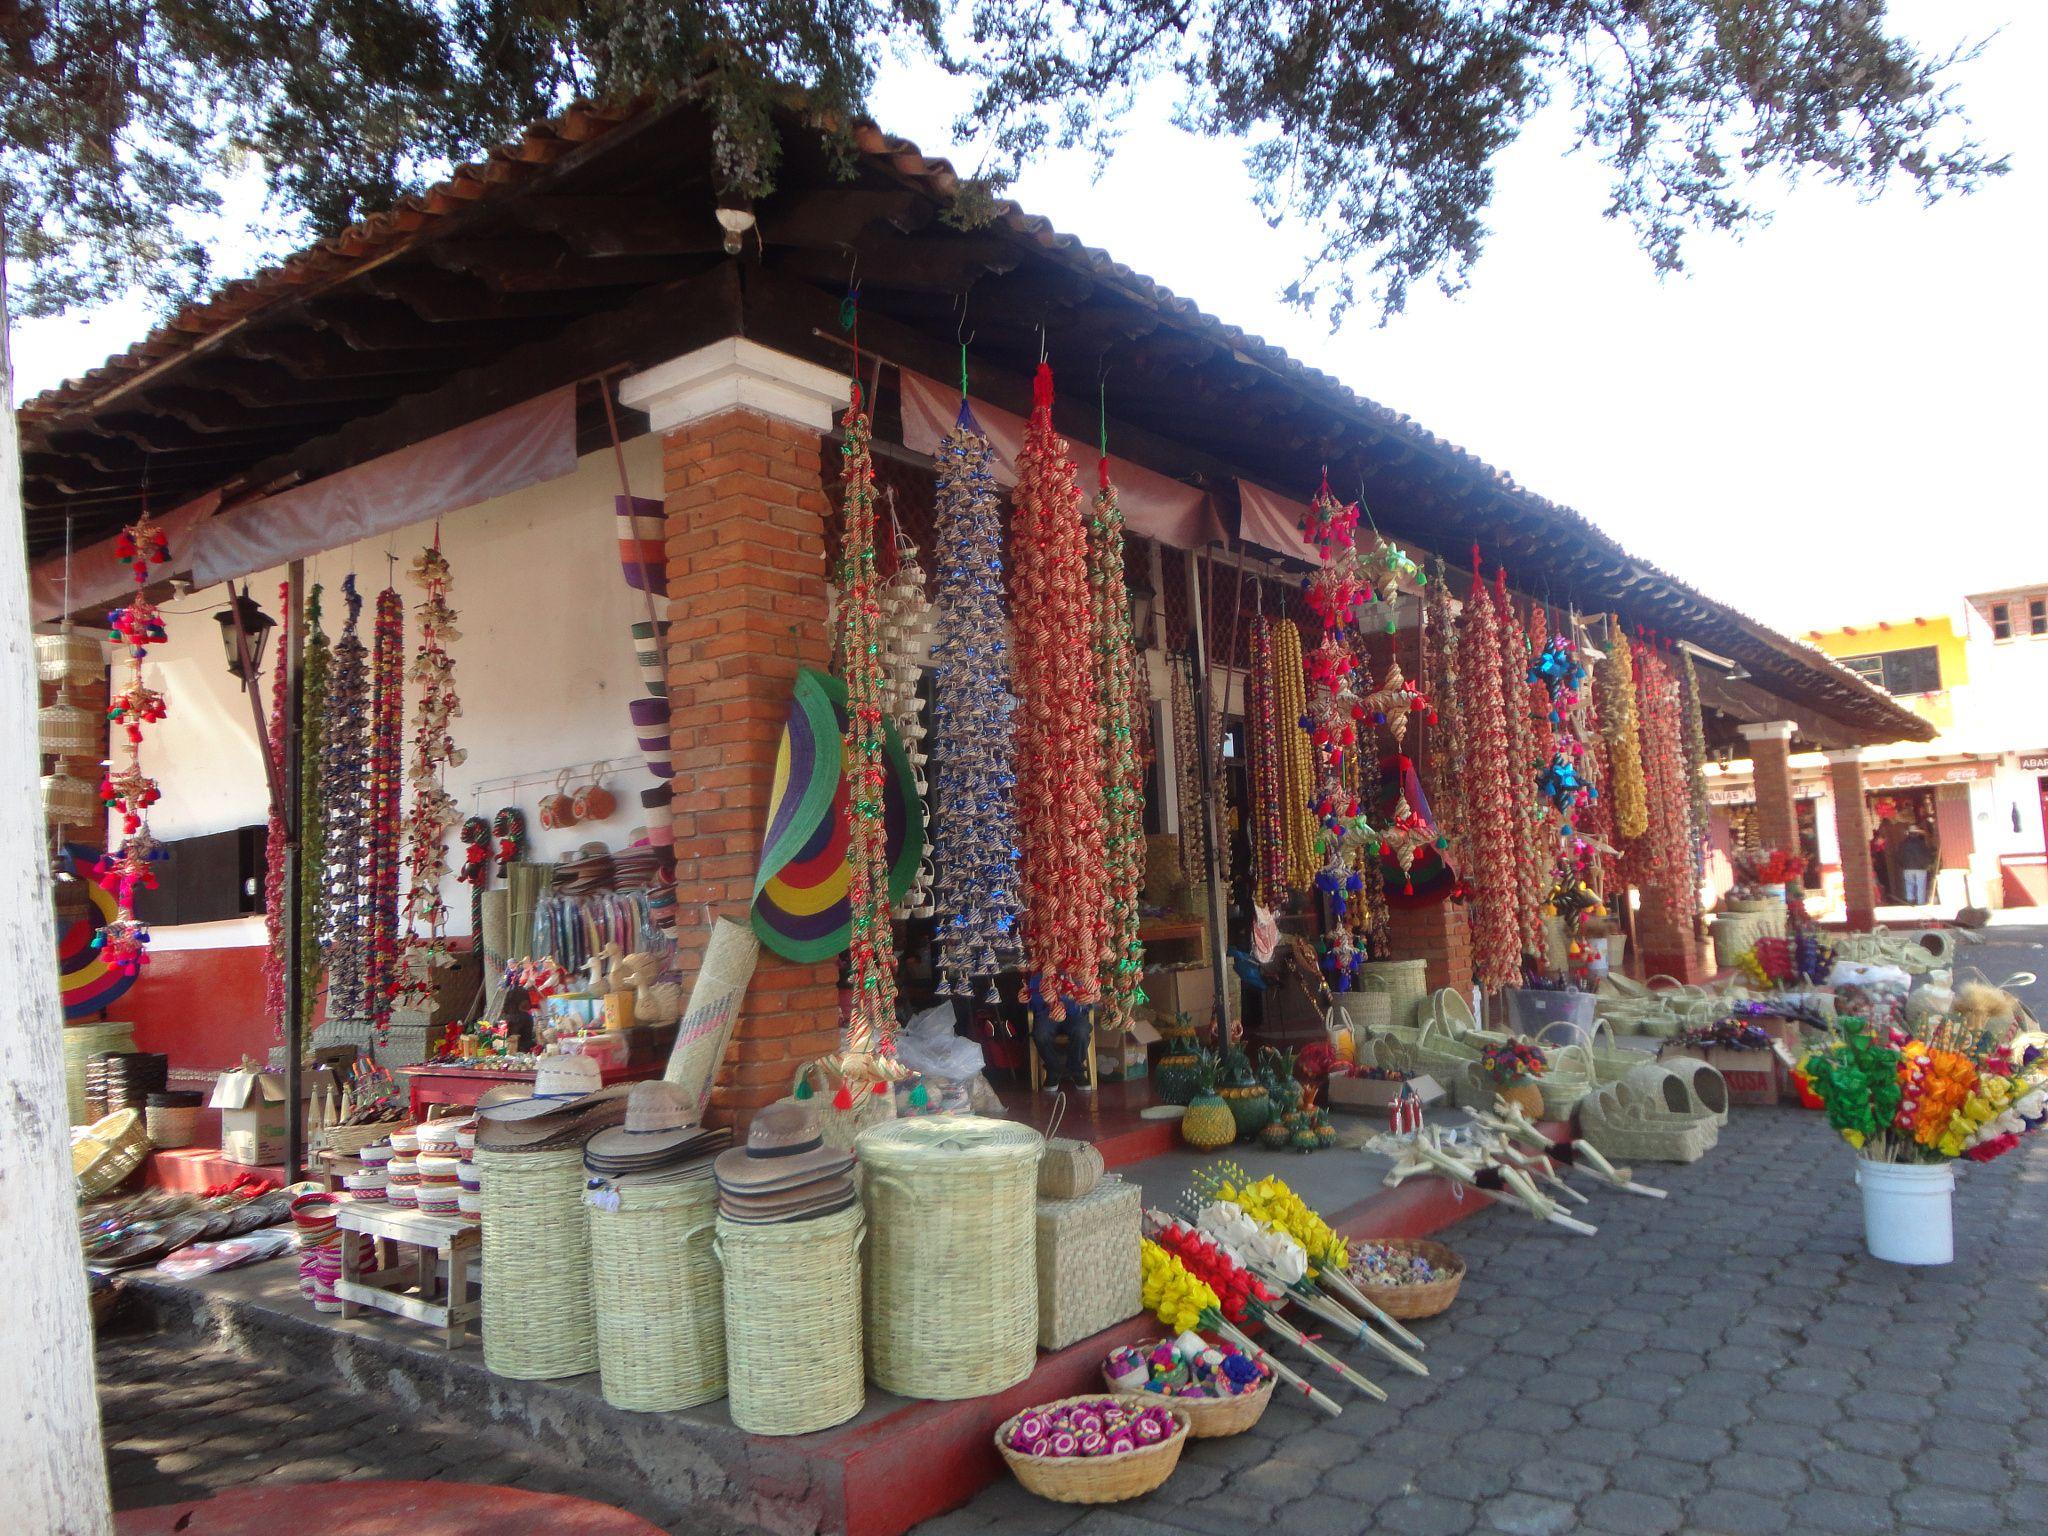 El Mercado de artesanías en Tzintzuntzan, Michoacá - Esta poblacion fue  fundada por el Señor de Michhuacan o Mechoacan Tariacuri, alrededor…    Mercados de artesanía y Mercado